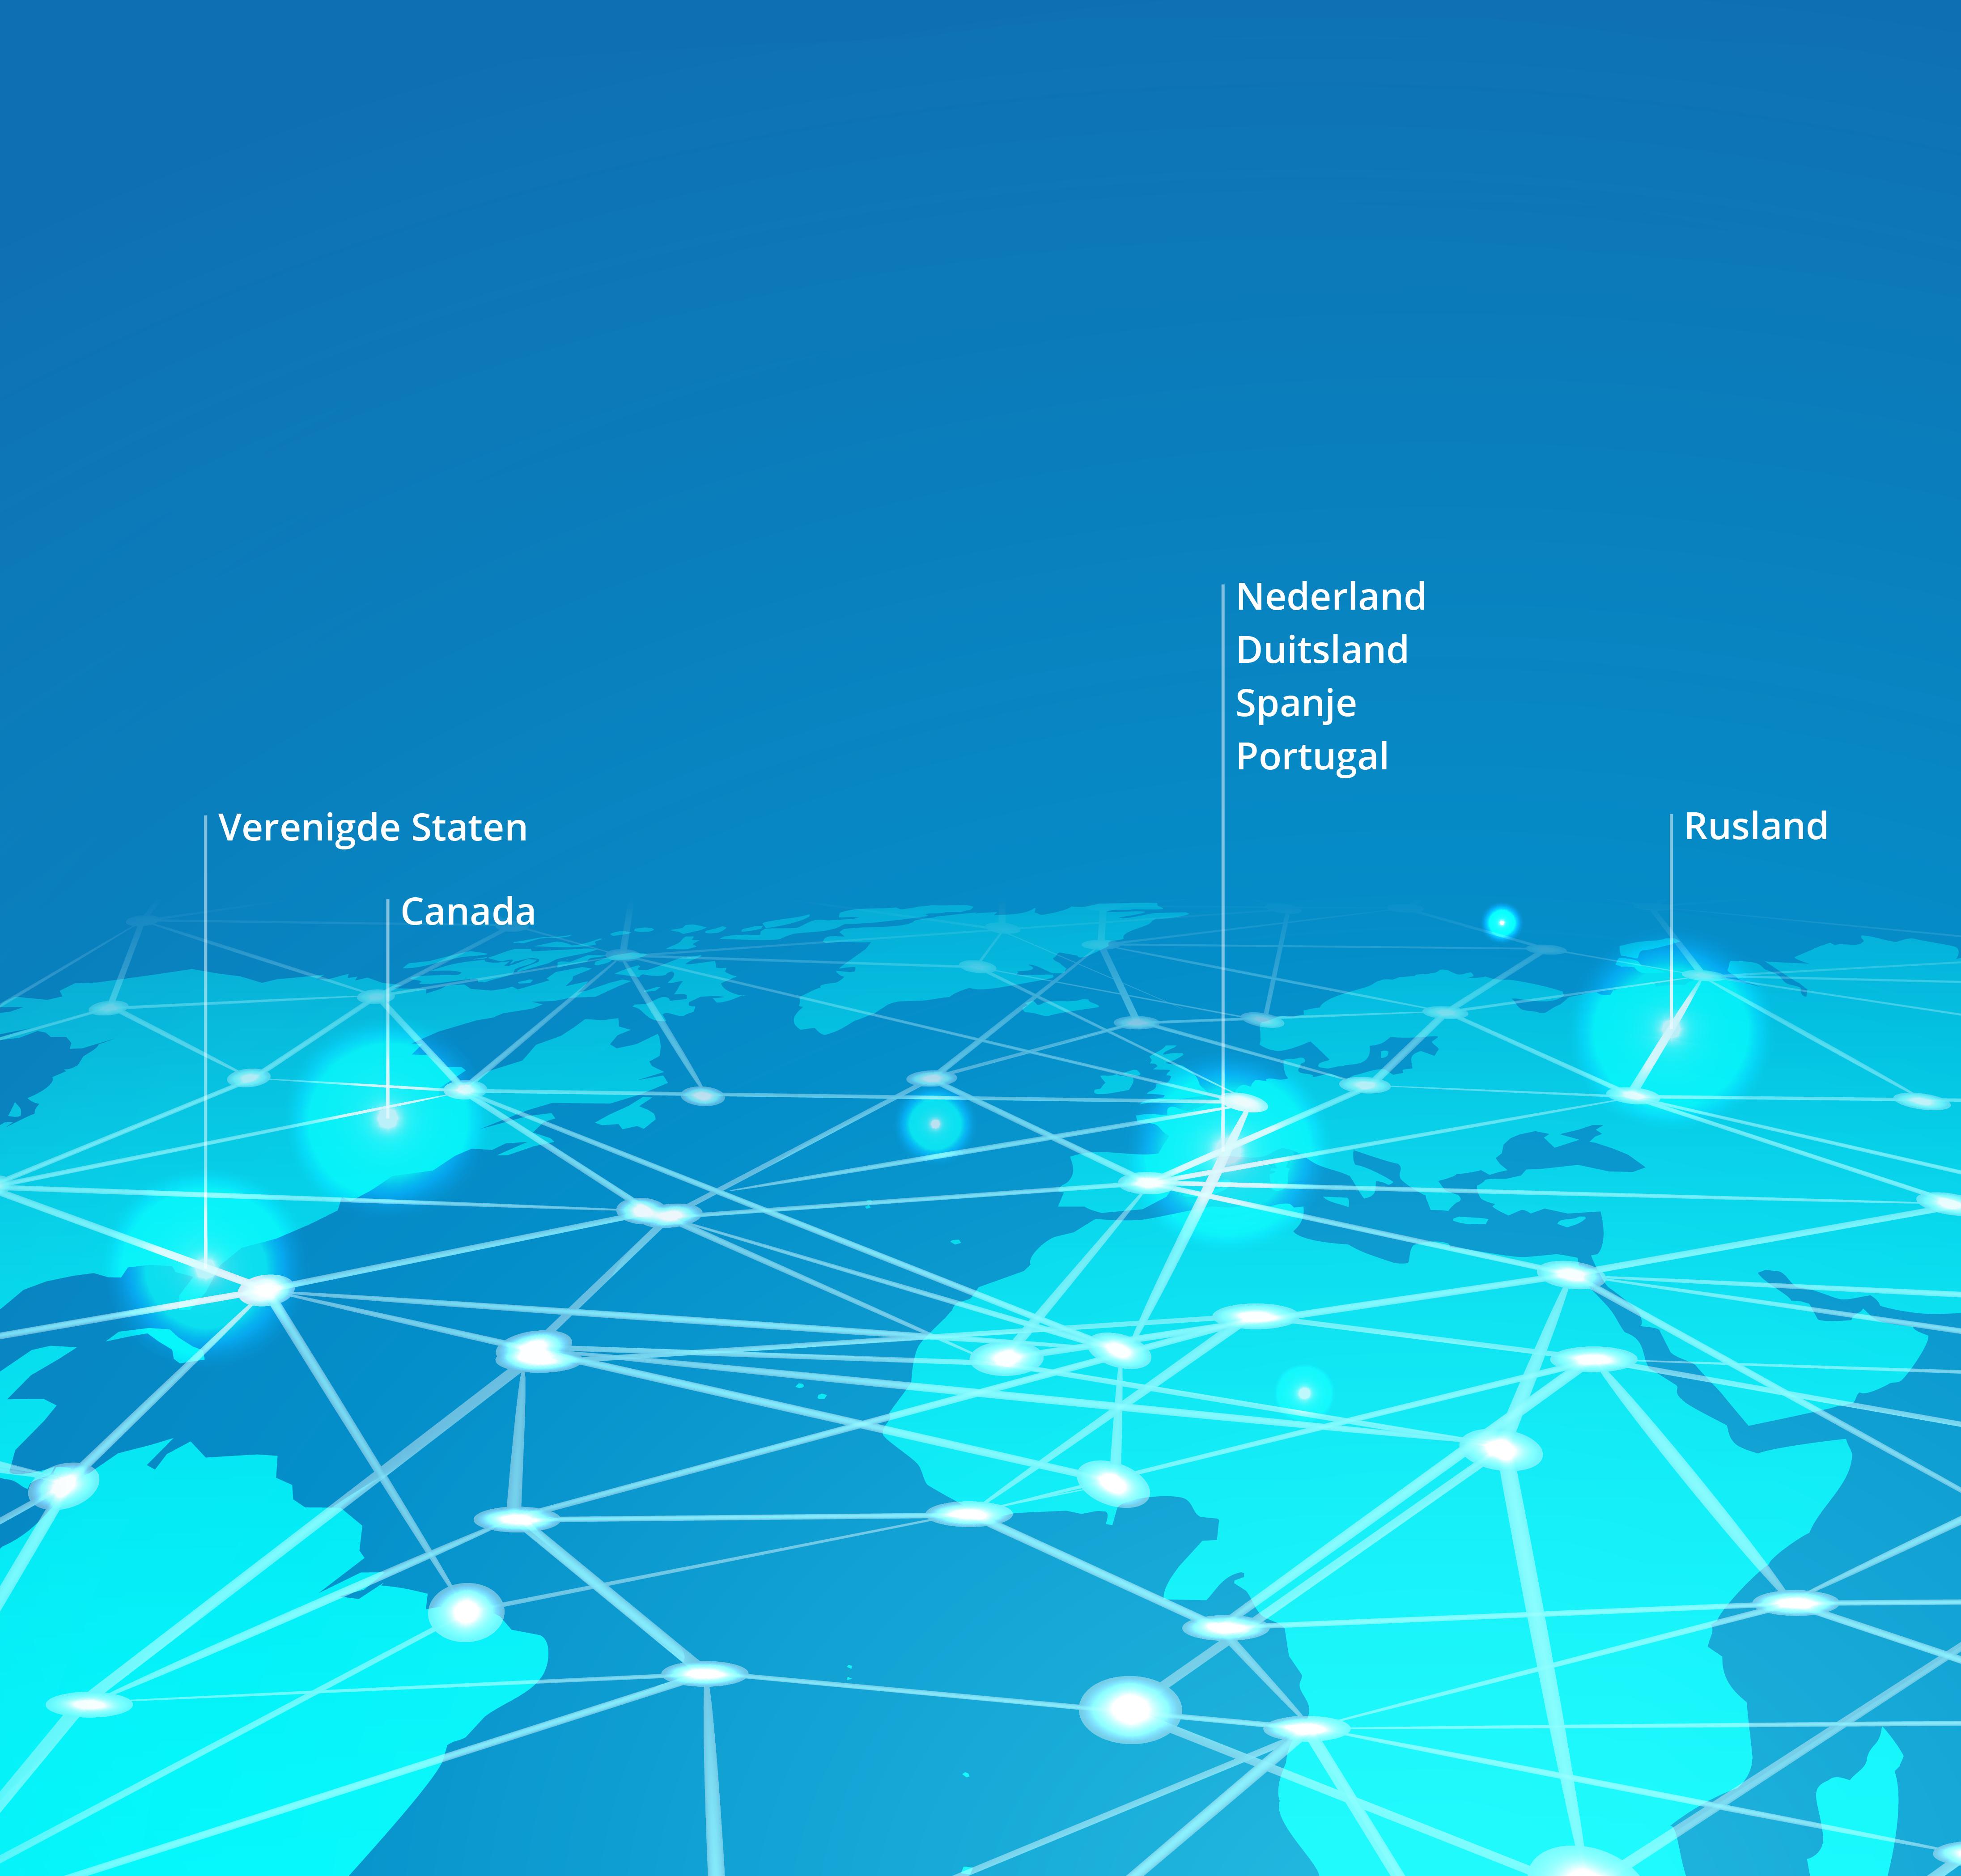 wereldwijd facilityapps app software